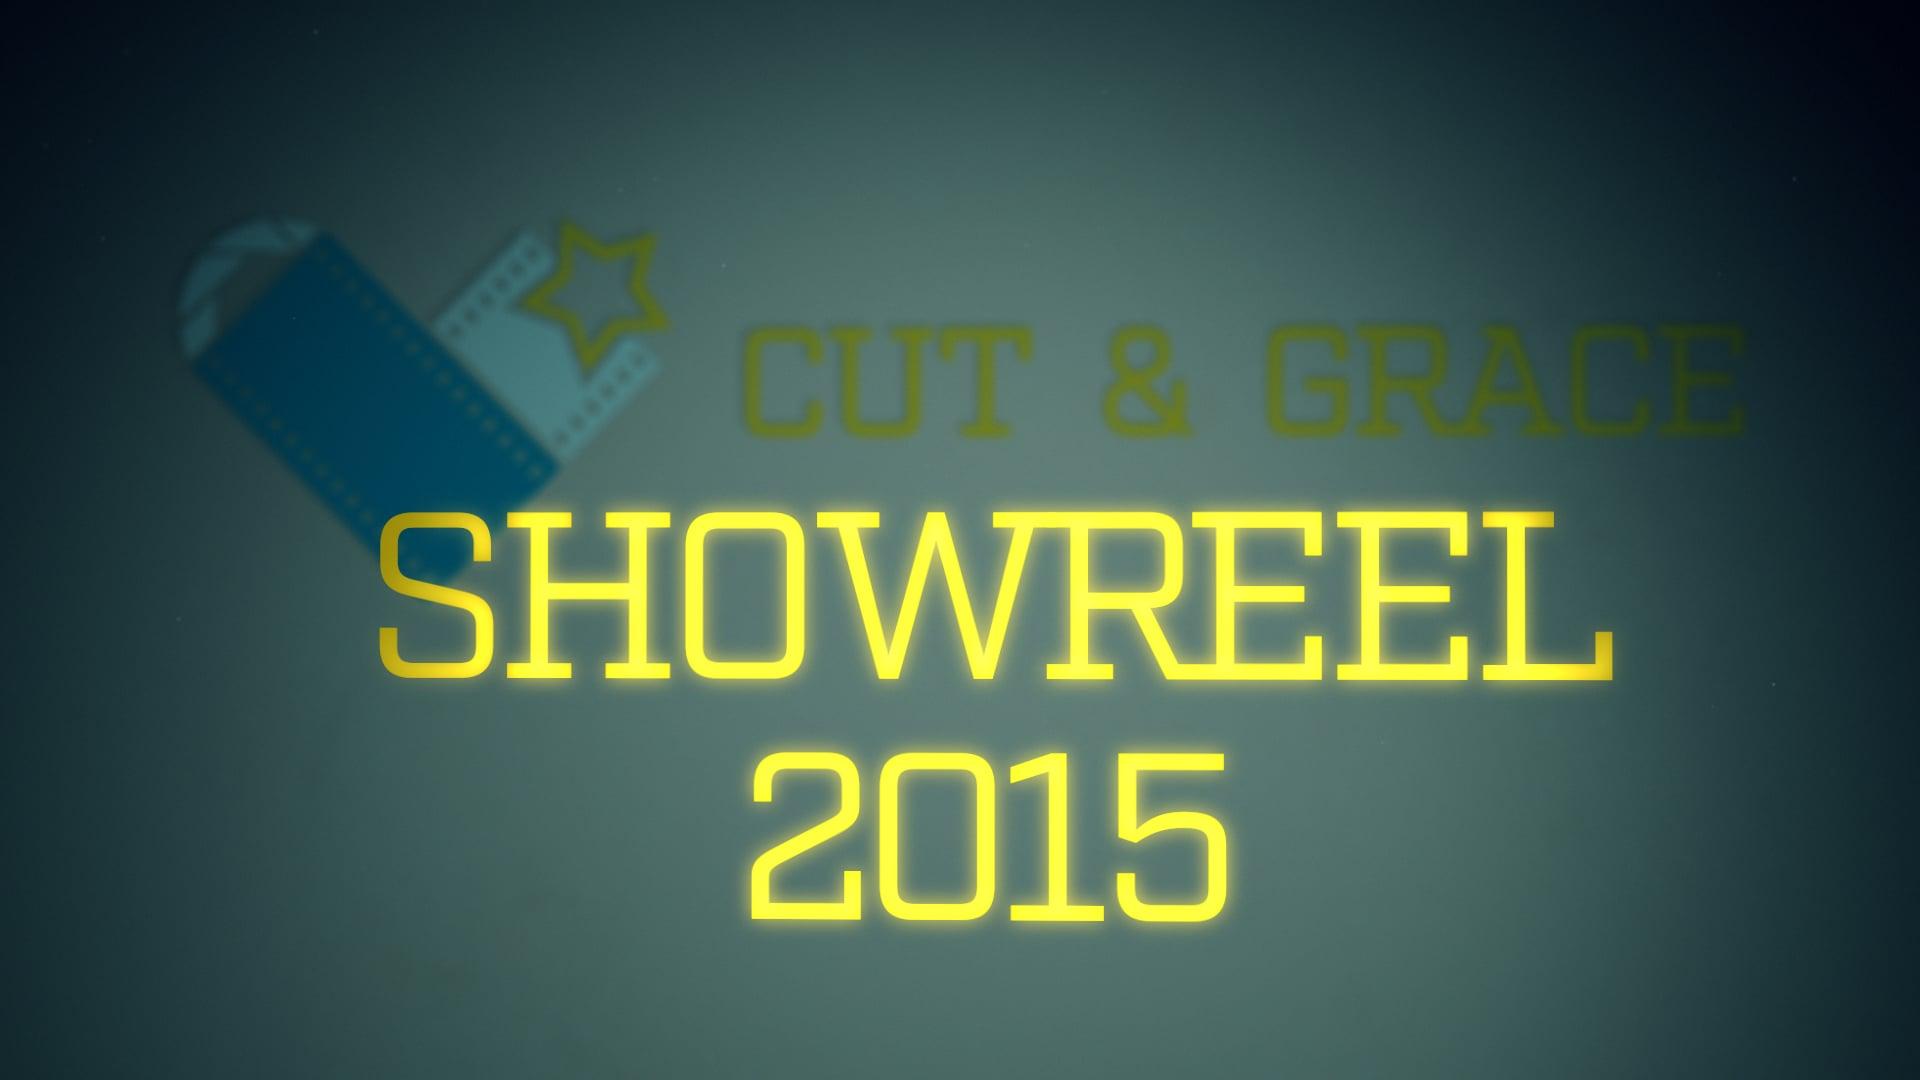 CUT & GRACE SHOWREEL 2015